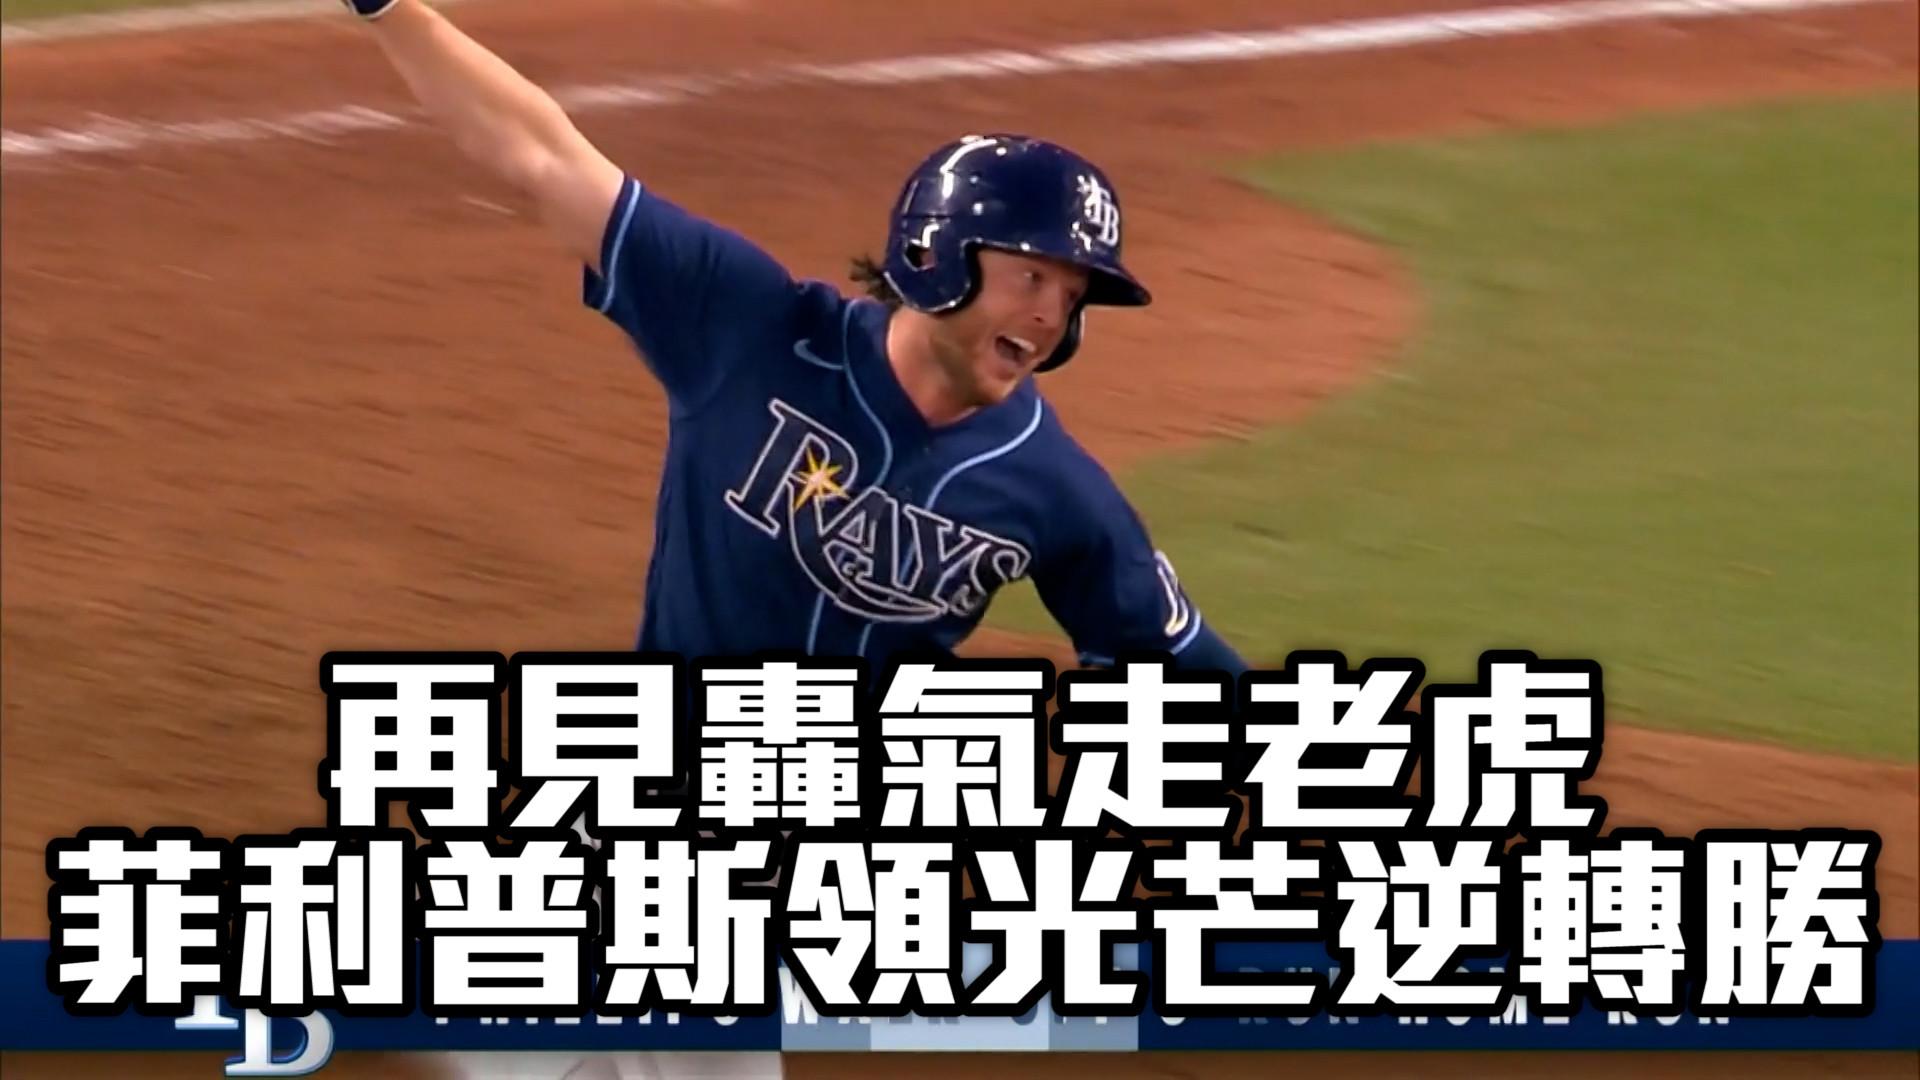 【MLB看愛爾達】再見轟氣走老虎 菲利普斯領光芒逆轉勝 9/18